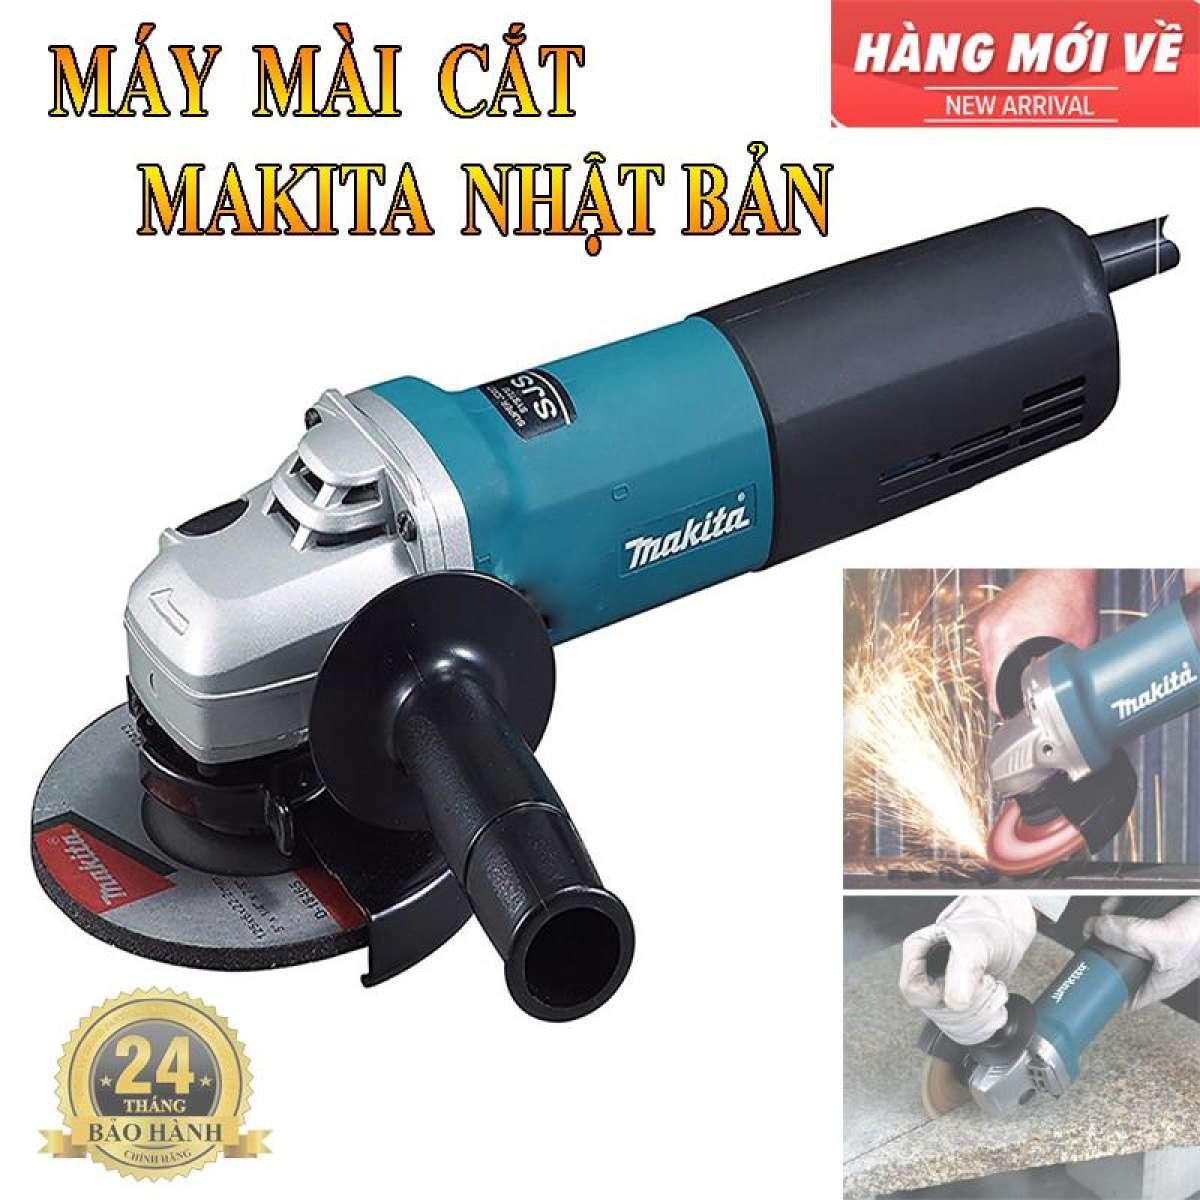 Máy mài Makita 9556 b Công suất 840W Động cơ mãnh mẽ Cửa hàng chính góc nhận cung cấp máy mài cắt cho công trình lớn.